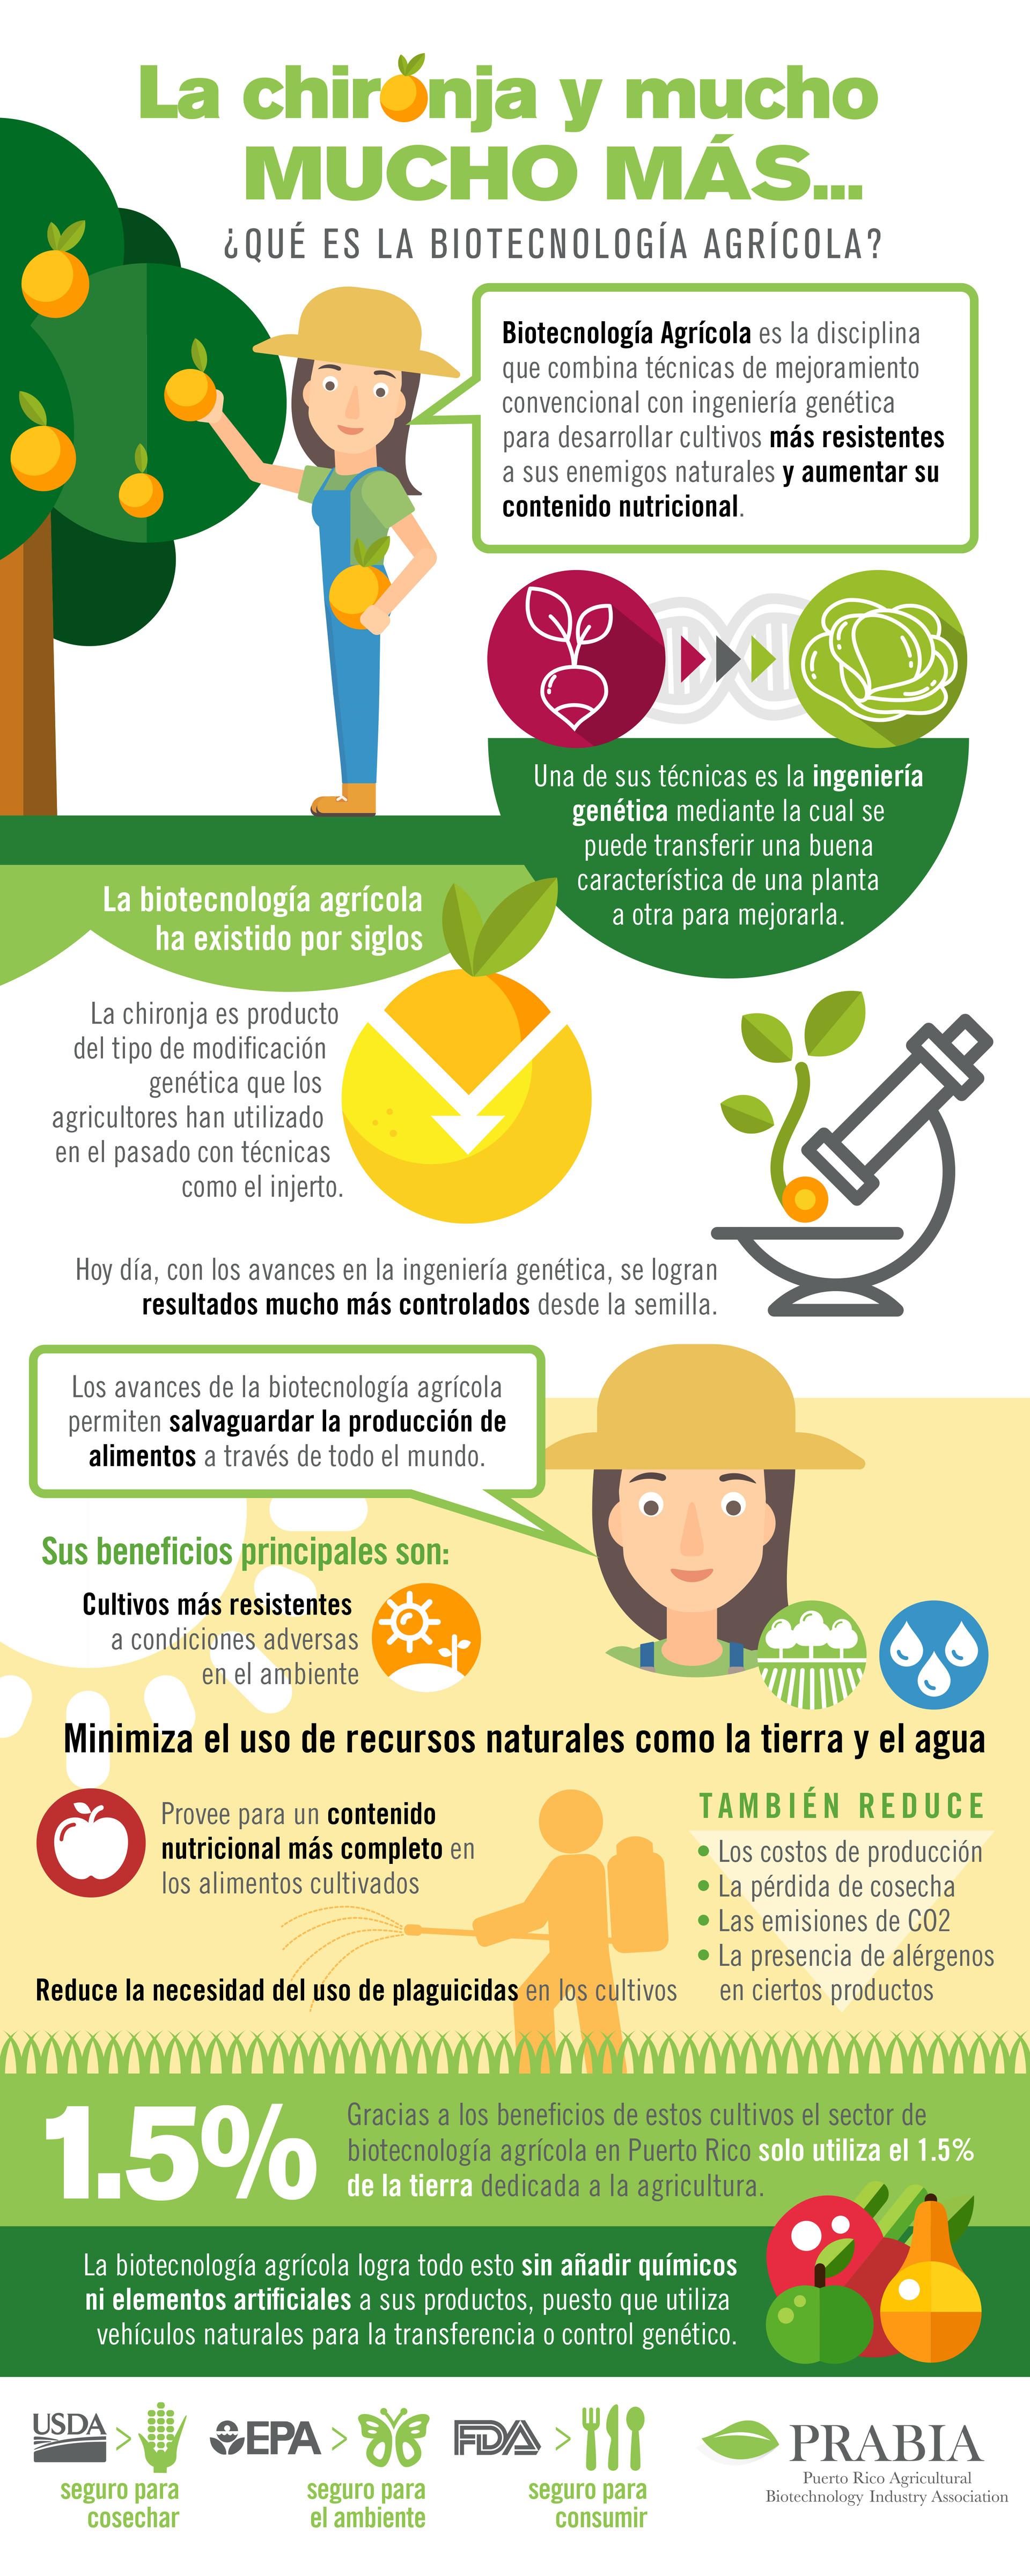 La chironja y mucho más…¿qué es la biotecnología agrícola?